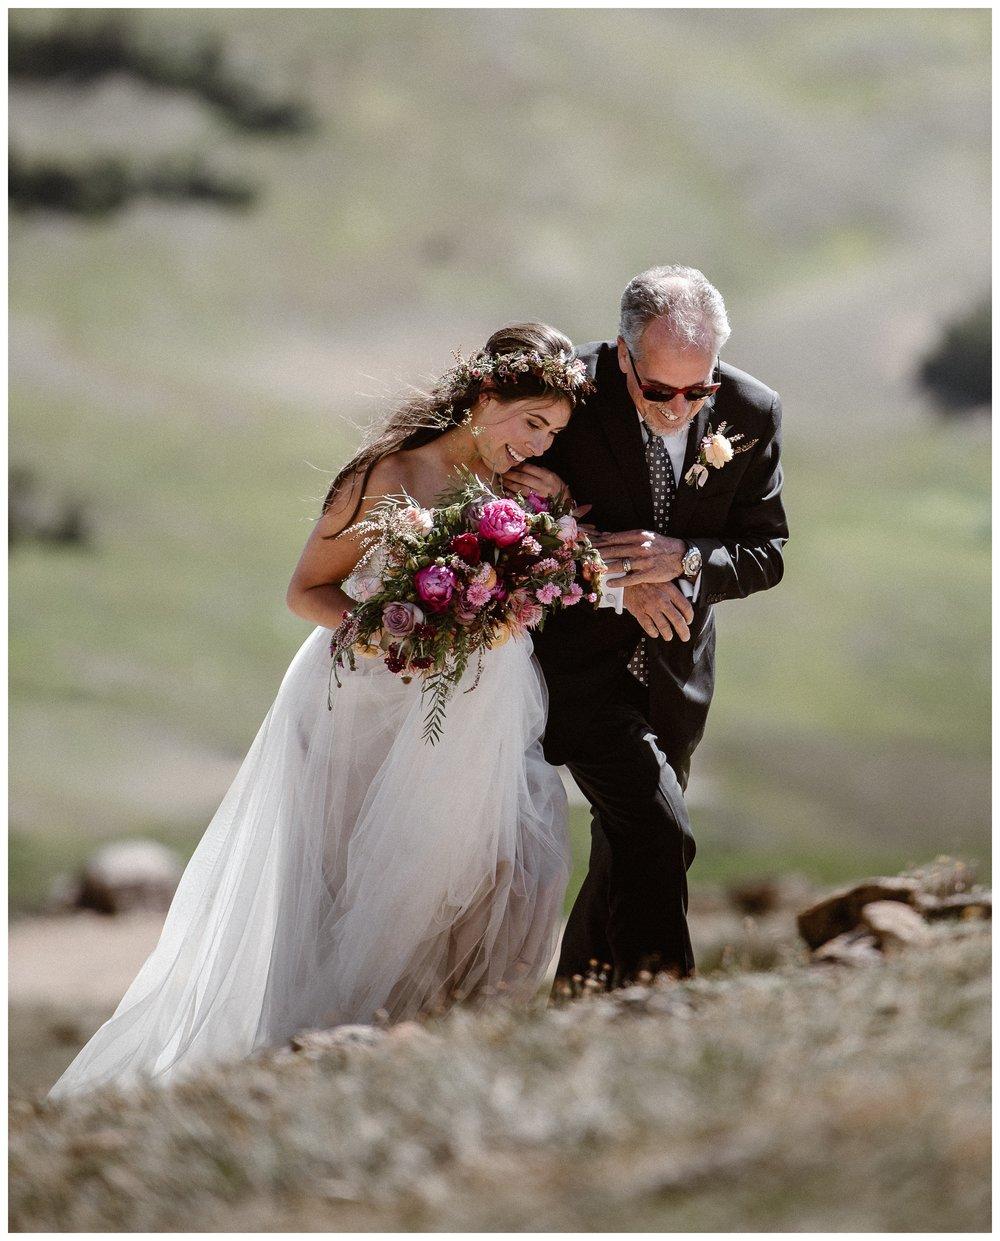 Rangefinder-Top-Wedding-Photographers-Adventure-Instead-Maddie-Mae-Destination-Elopement-Photography-Eloping-Photographers_0021.jpg